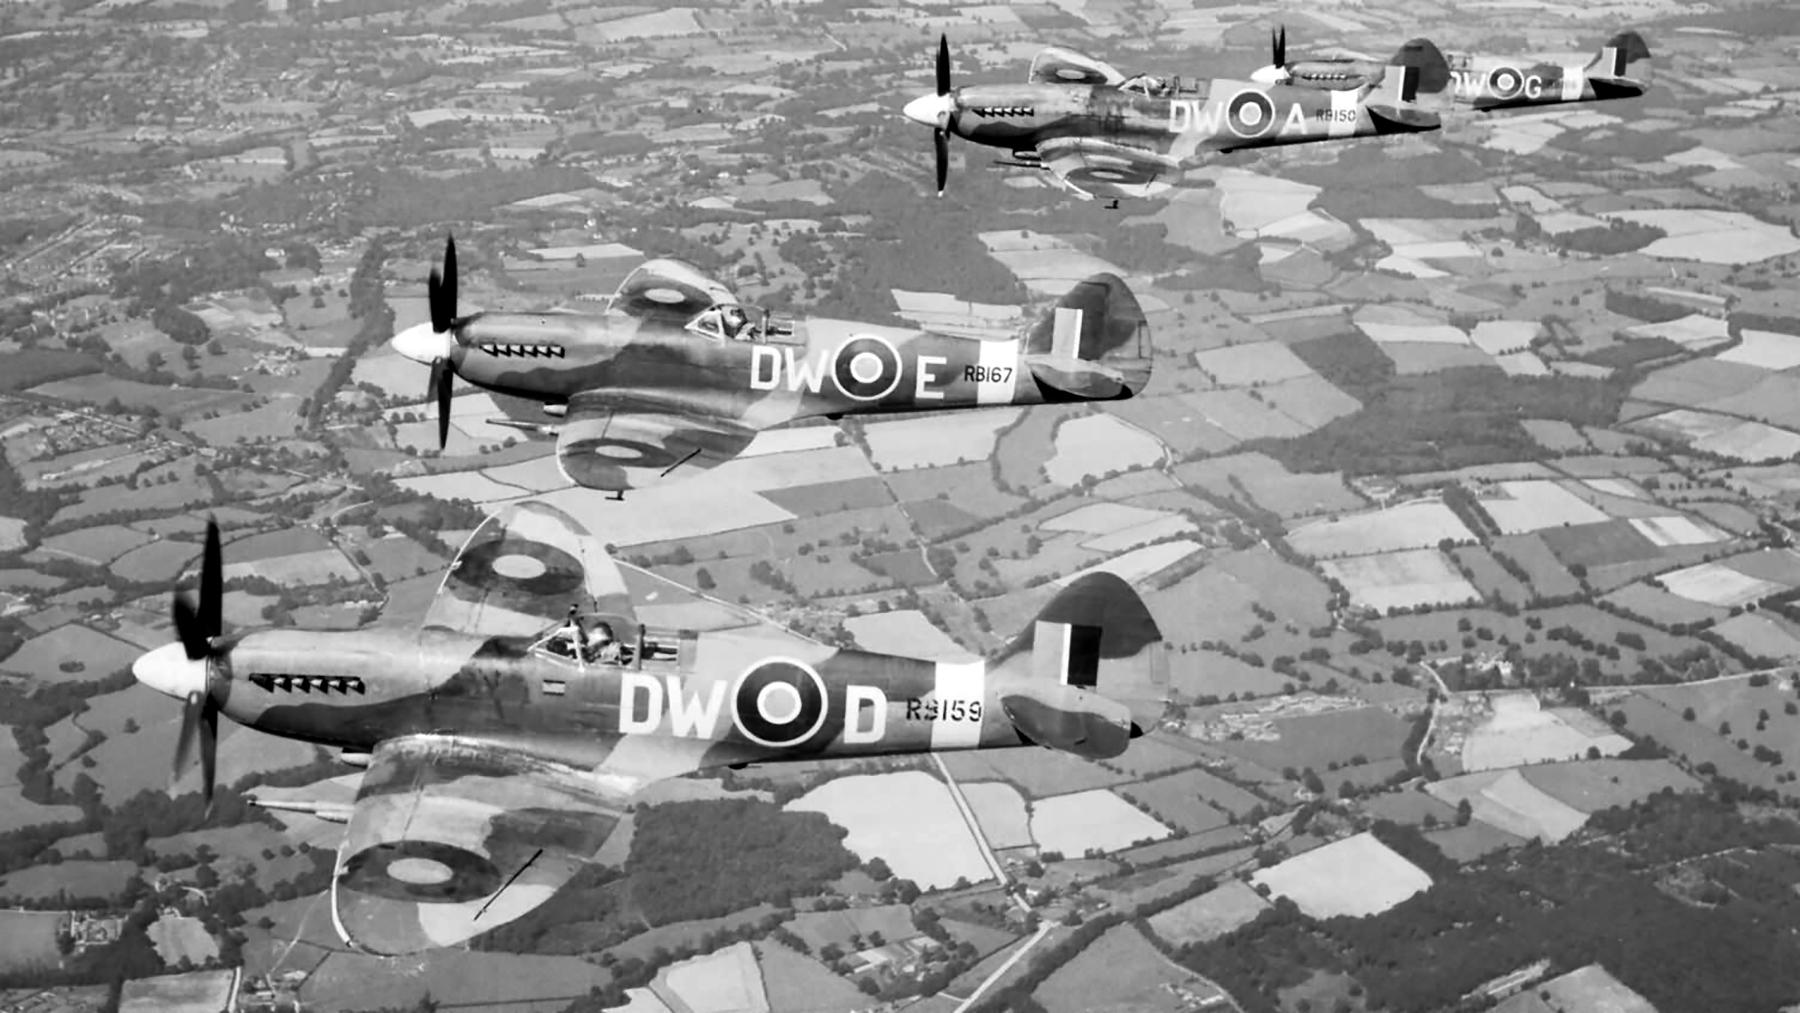 Spitfires XIV RAF 610Sqn DWD RB159 DWE RB167 DWA RB150 and DWG RB156 over Exeter Jan 1944 web 01